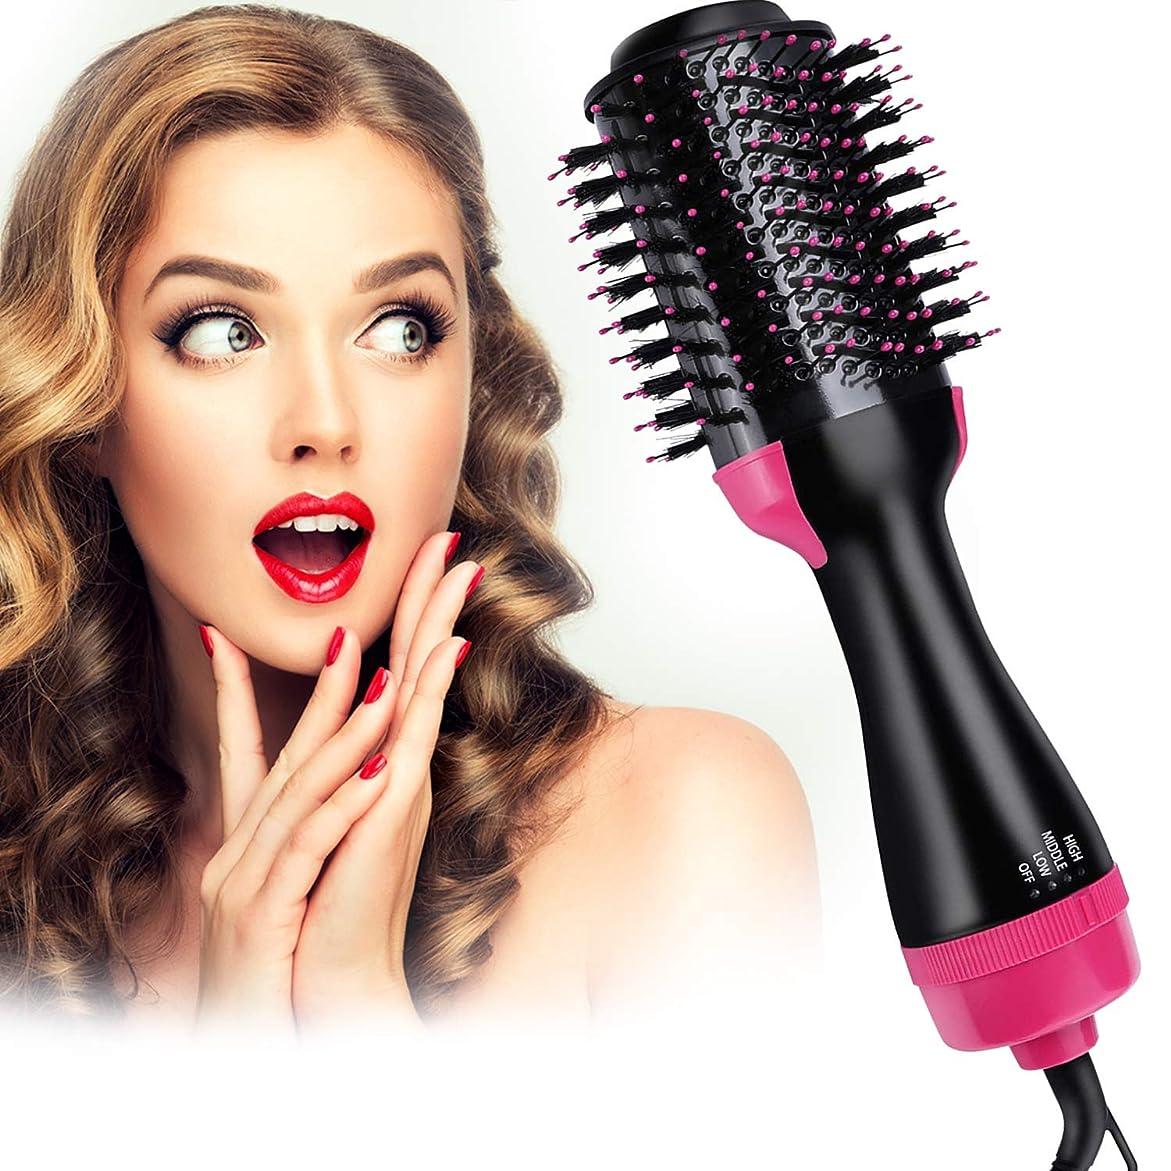 リスナー配分痛みワンステップヘアドライヤー電熱ブラシヘアドライヤー ブラシ 多機能 プロのサロンスタイ ヘアスタイラーツール マイナスイオン 360° 自動回転 静電防止 毛髪防止 機能